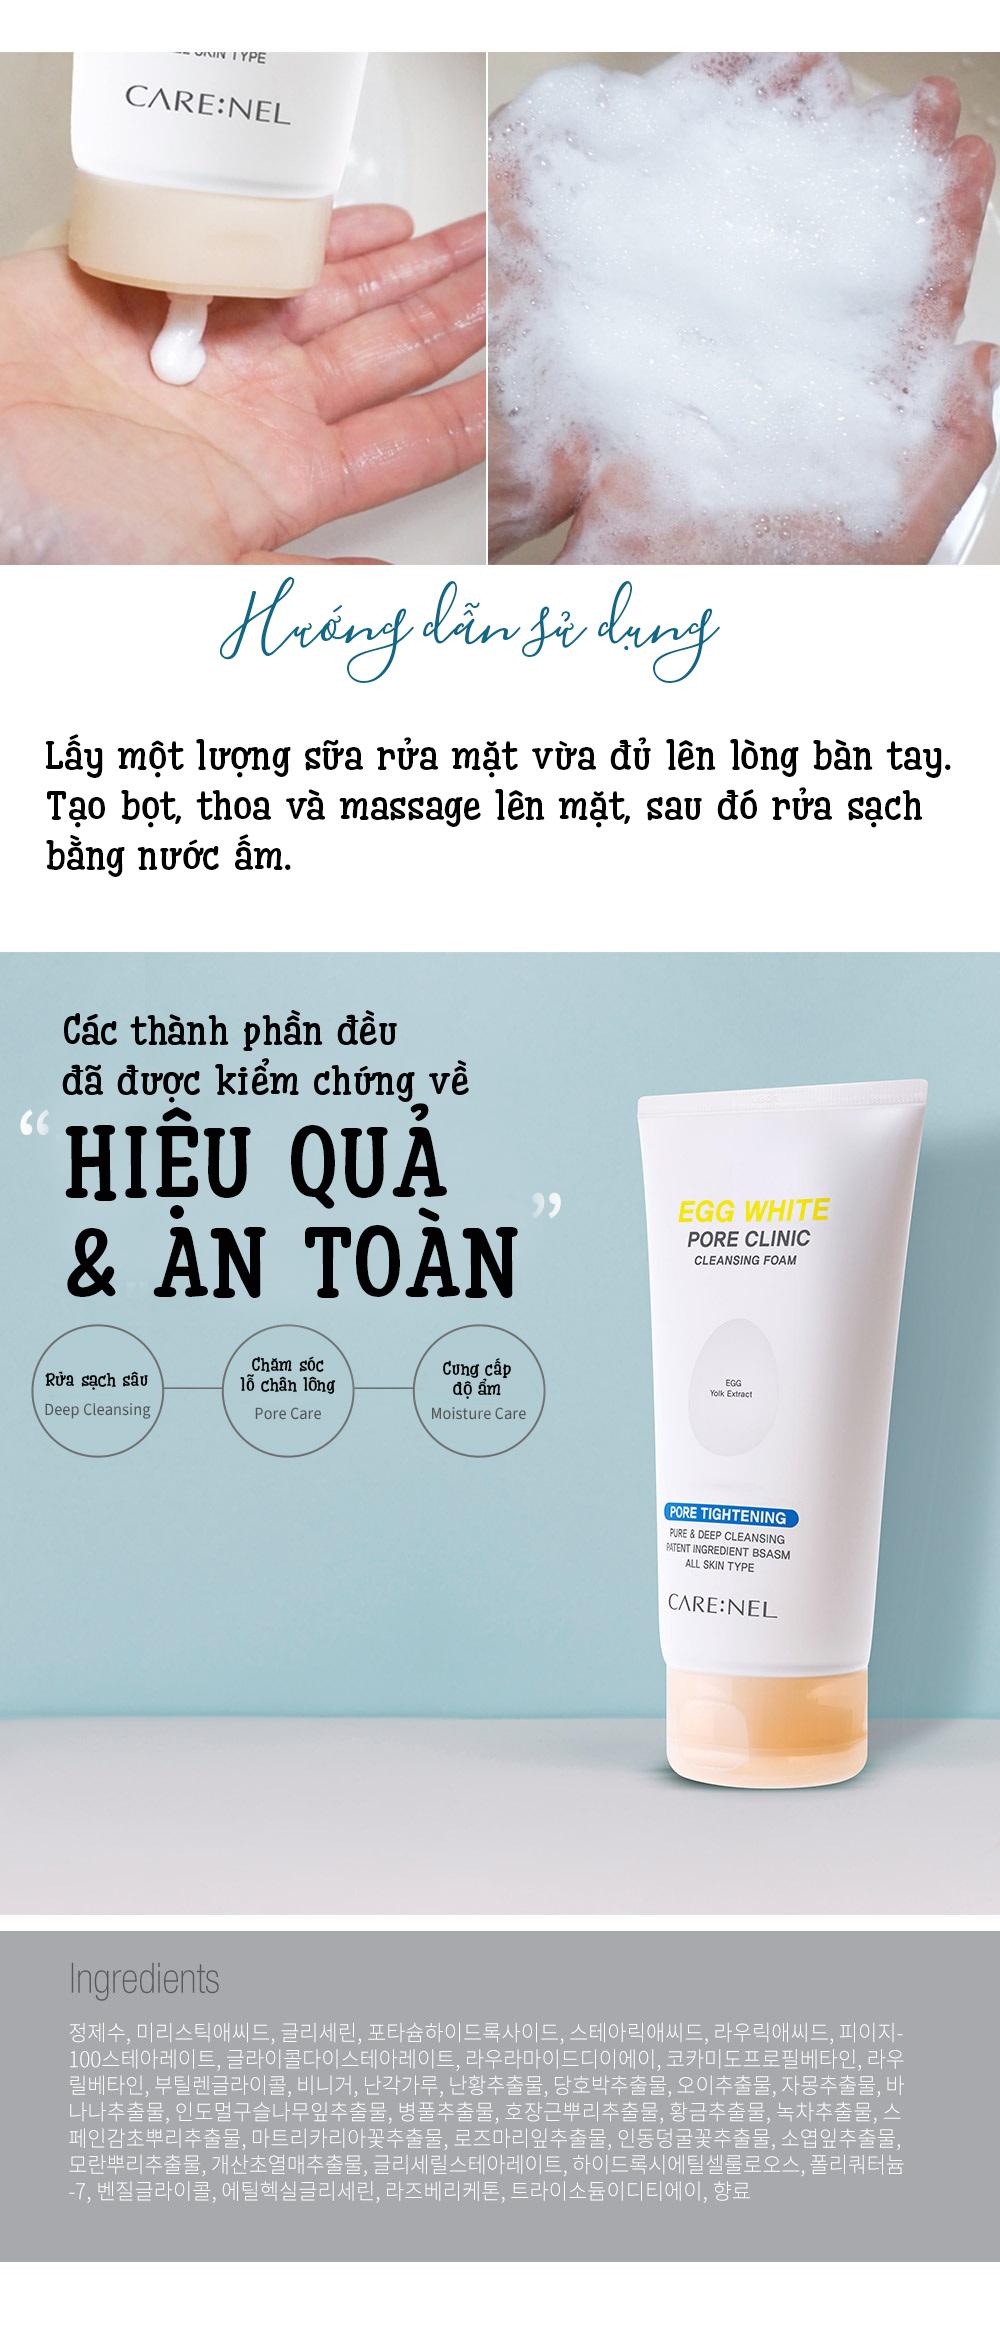 Sua Rua Mat Trung Carenel Pore Clinic Cleansing Foam (10)